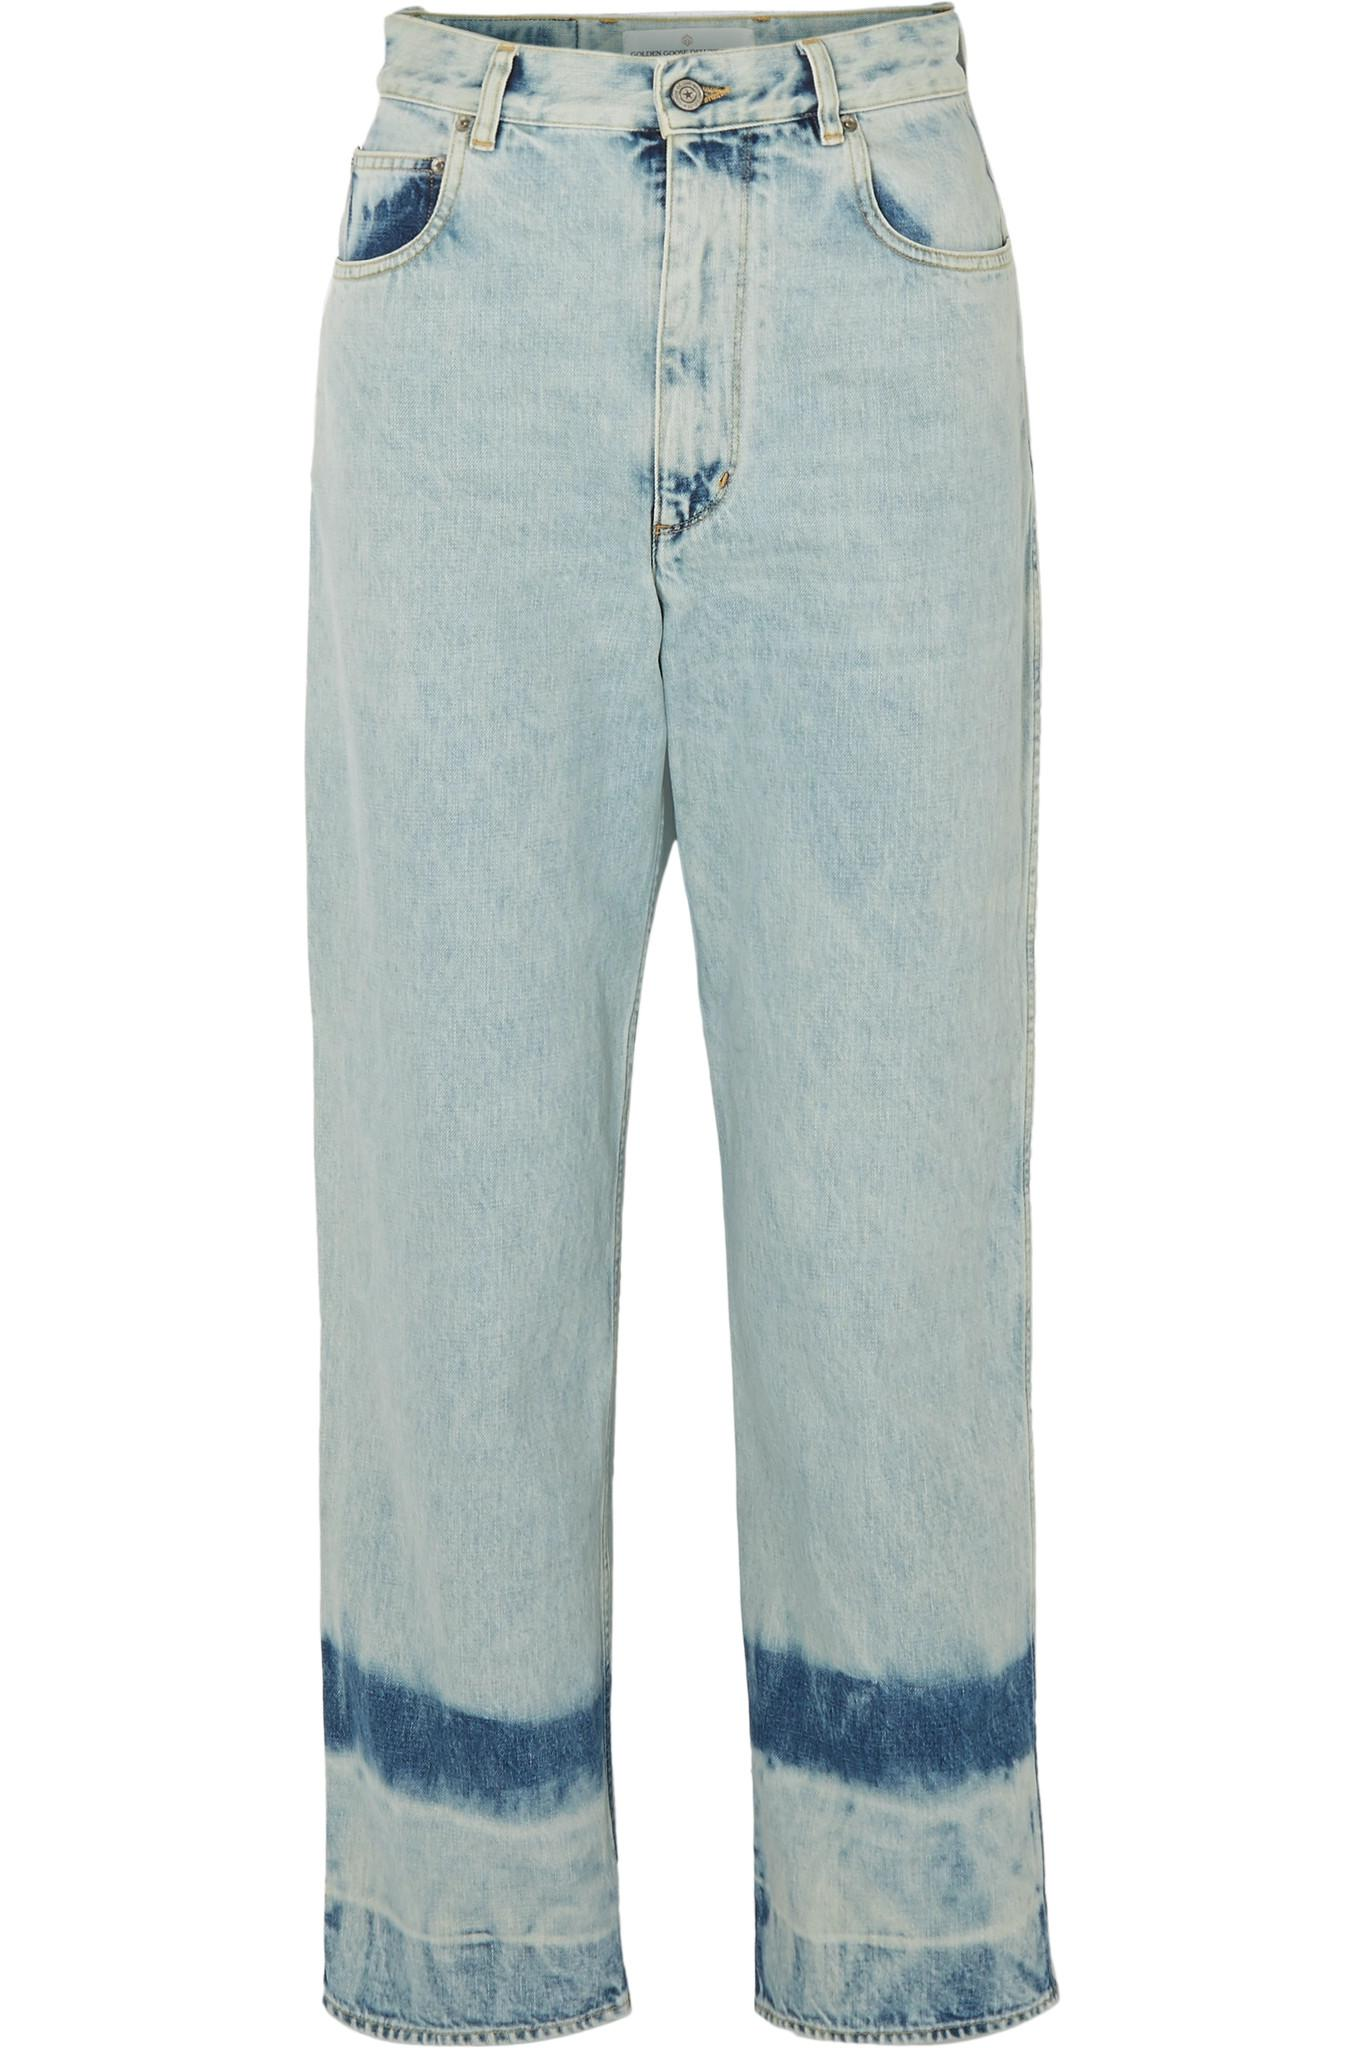 high-waist straight jeans - Blue Golden Goose Pay With Visa Cheap Online Footlocker Sale Online Recommend Cheap Price uEtsmK83vu